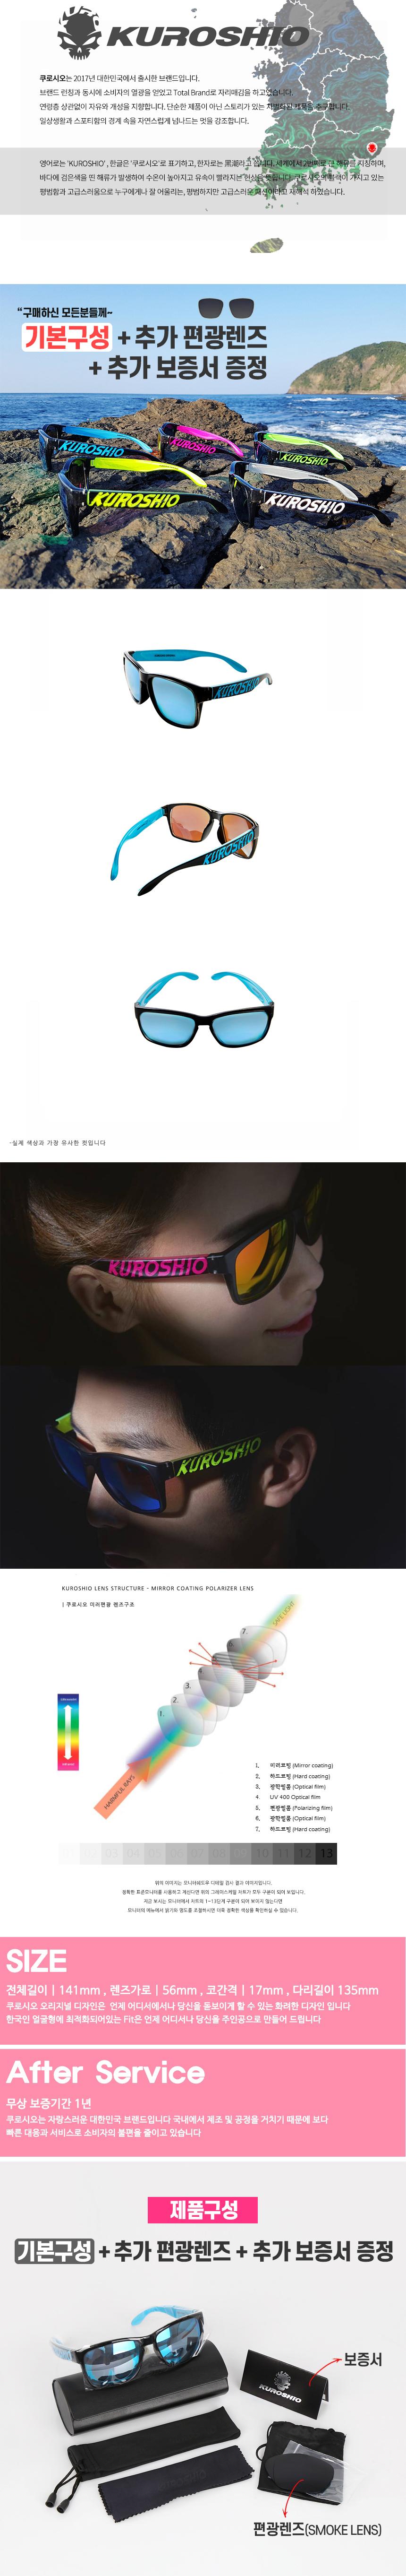 쿠로시오 오리지널 스카이블루 유광 편광선글라스 렌즈 추가증정 보증서 명품선글라스 편광선글 낚시선글라스 편광안경 쿠로시오선글라스